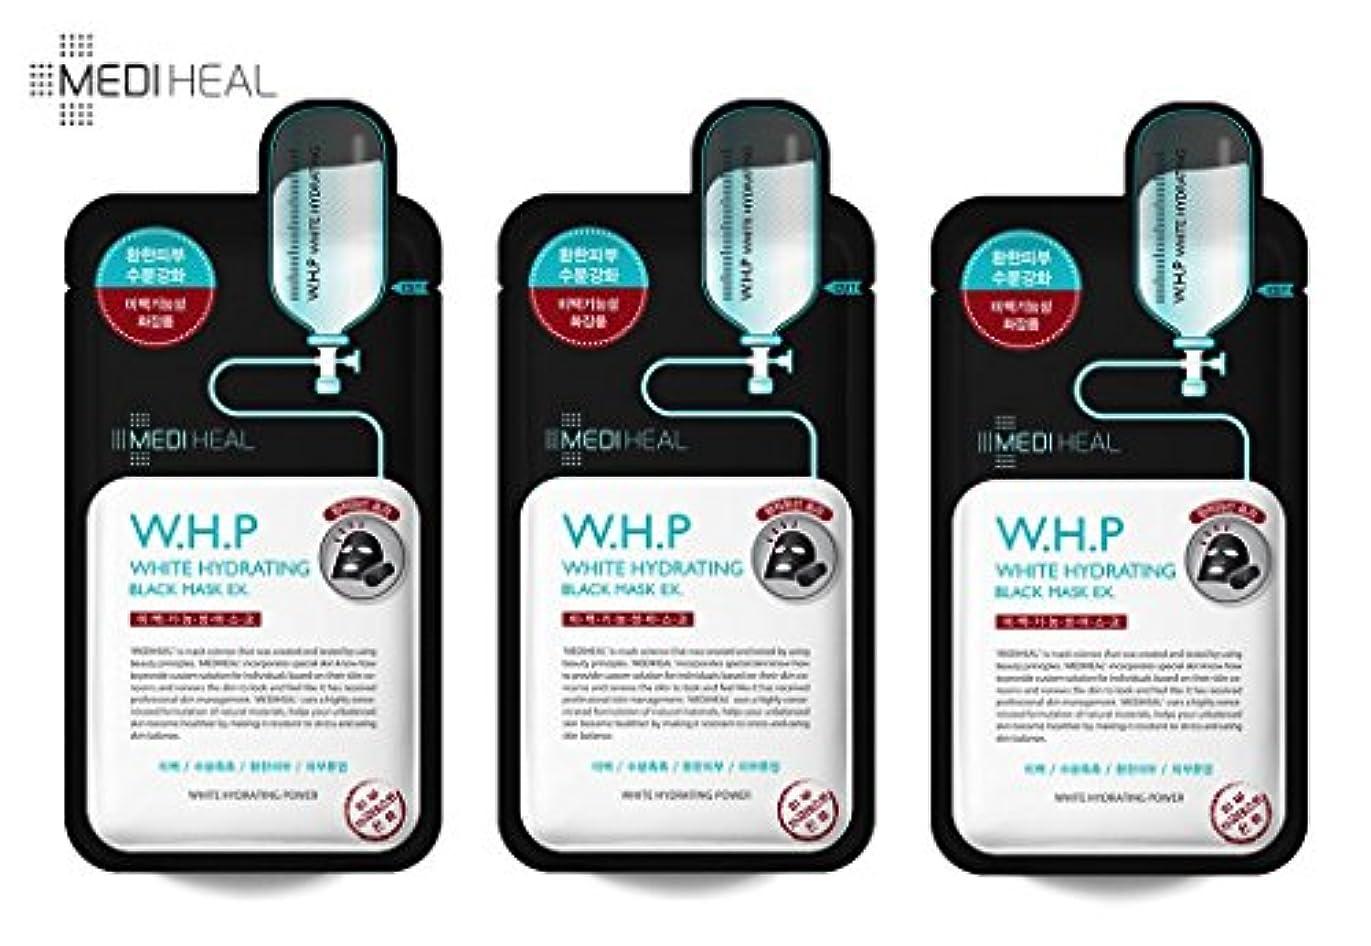 ゆるく半球強制的【正規輸入品】メディヒール Mediheal W.H.P 美白水分 ミネラル 炭 マスクパック (10枚)